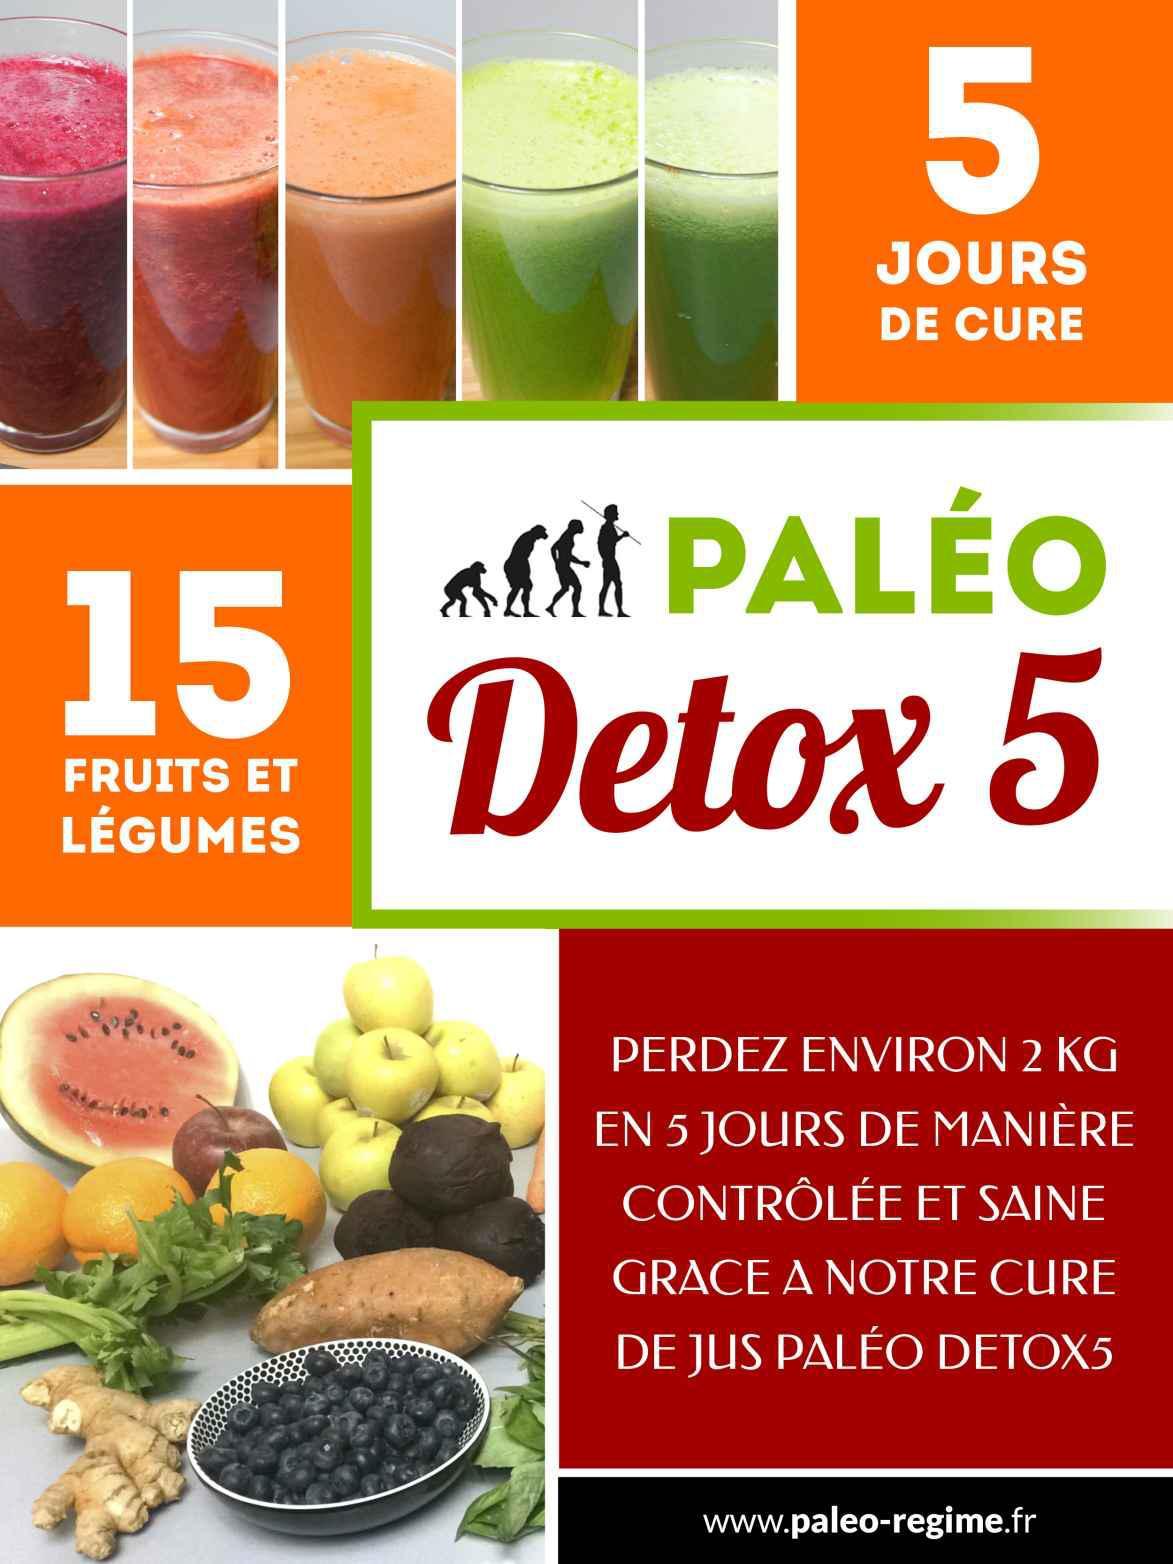 Paléo DETOX5: Vous voulez perdre du poids et vous sentir en pleine forme? Découvrez la cure Paléo DETOX5!